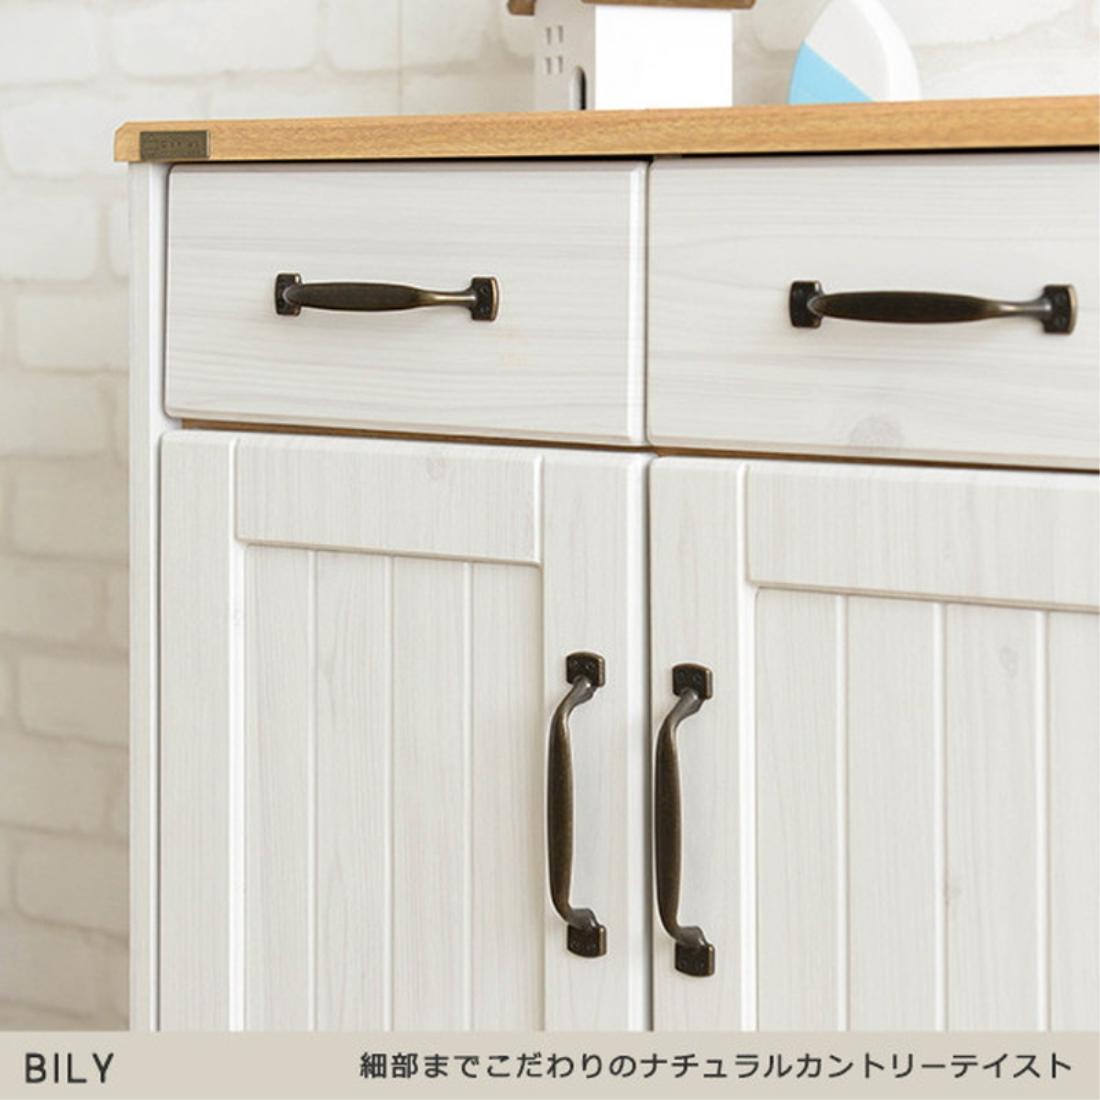 「送料無料」インテリア家具 飾り 収納 木製 BILY(バイリー) キャビネット(60cm幅) オシャレ